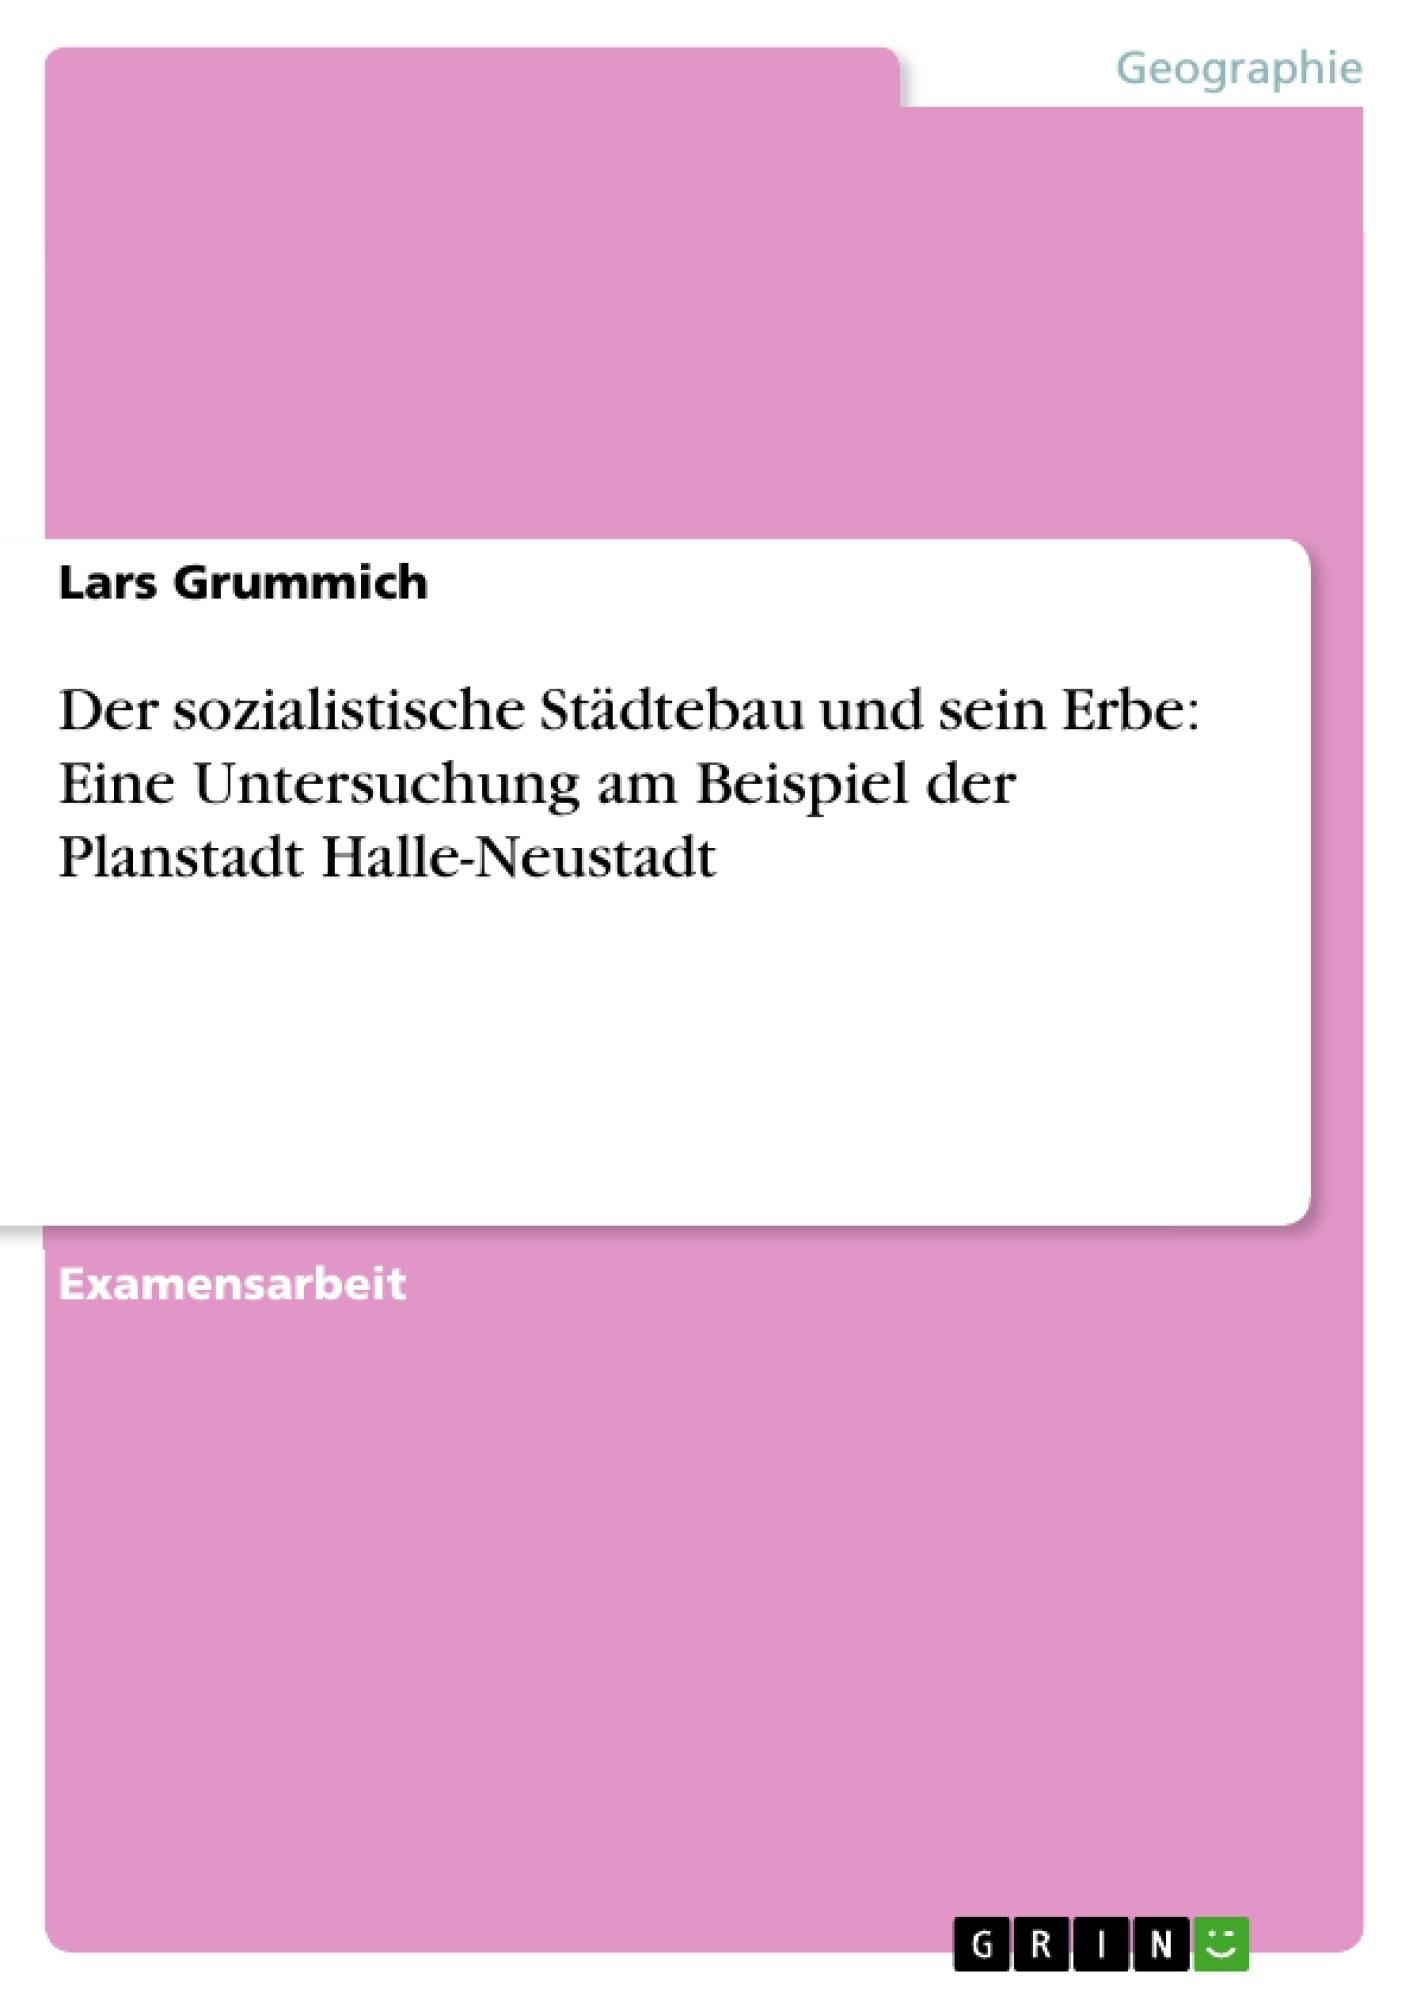 Titel: Der sozialistische Städtebau und sein Erbe: Eine Untersuchung am Beispiel der Planstadt Halle-Neustadt